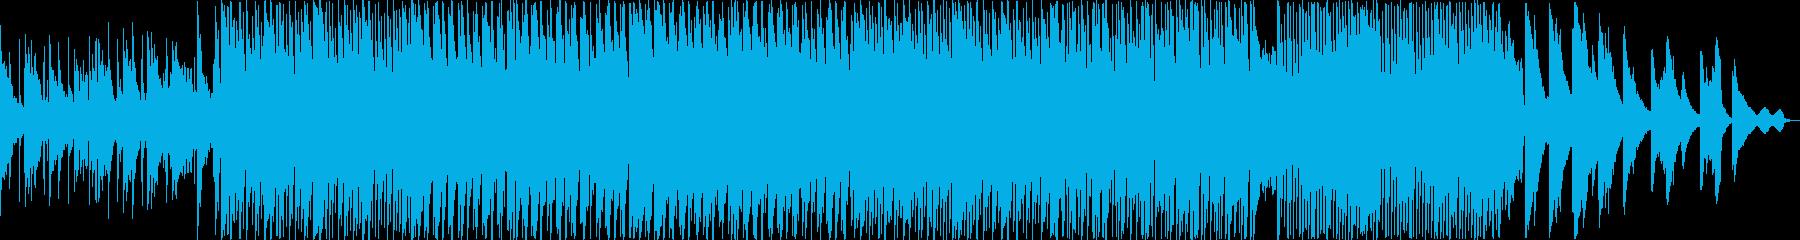 壮大で心の中が広がるかのような曲の再生済みの波形